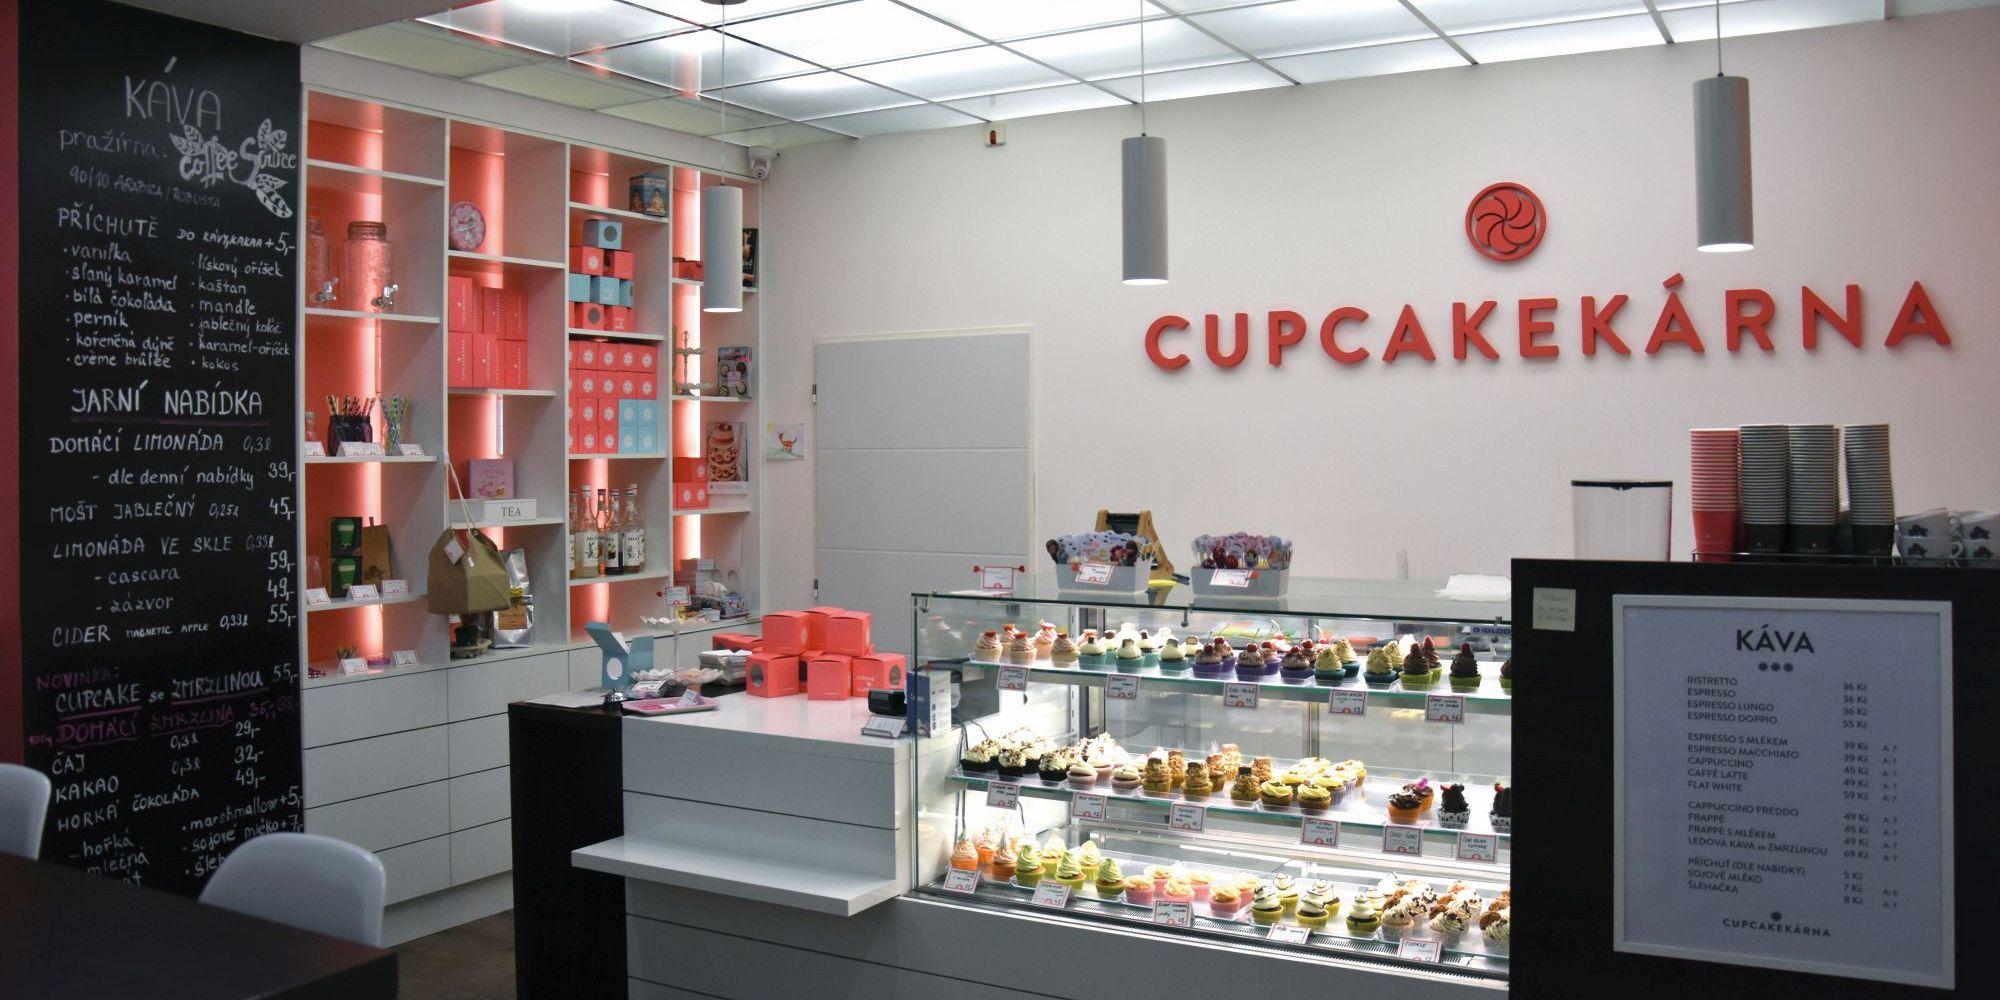 confectionary Cupcakekárna in Brno